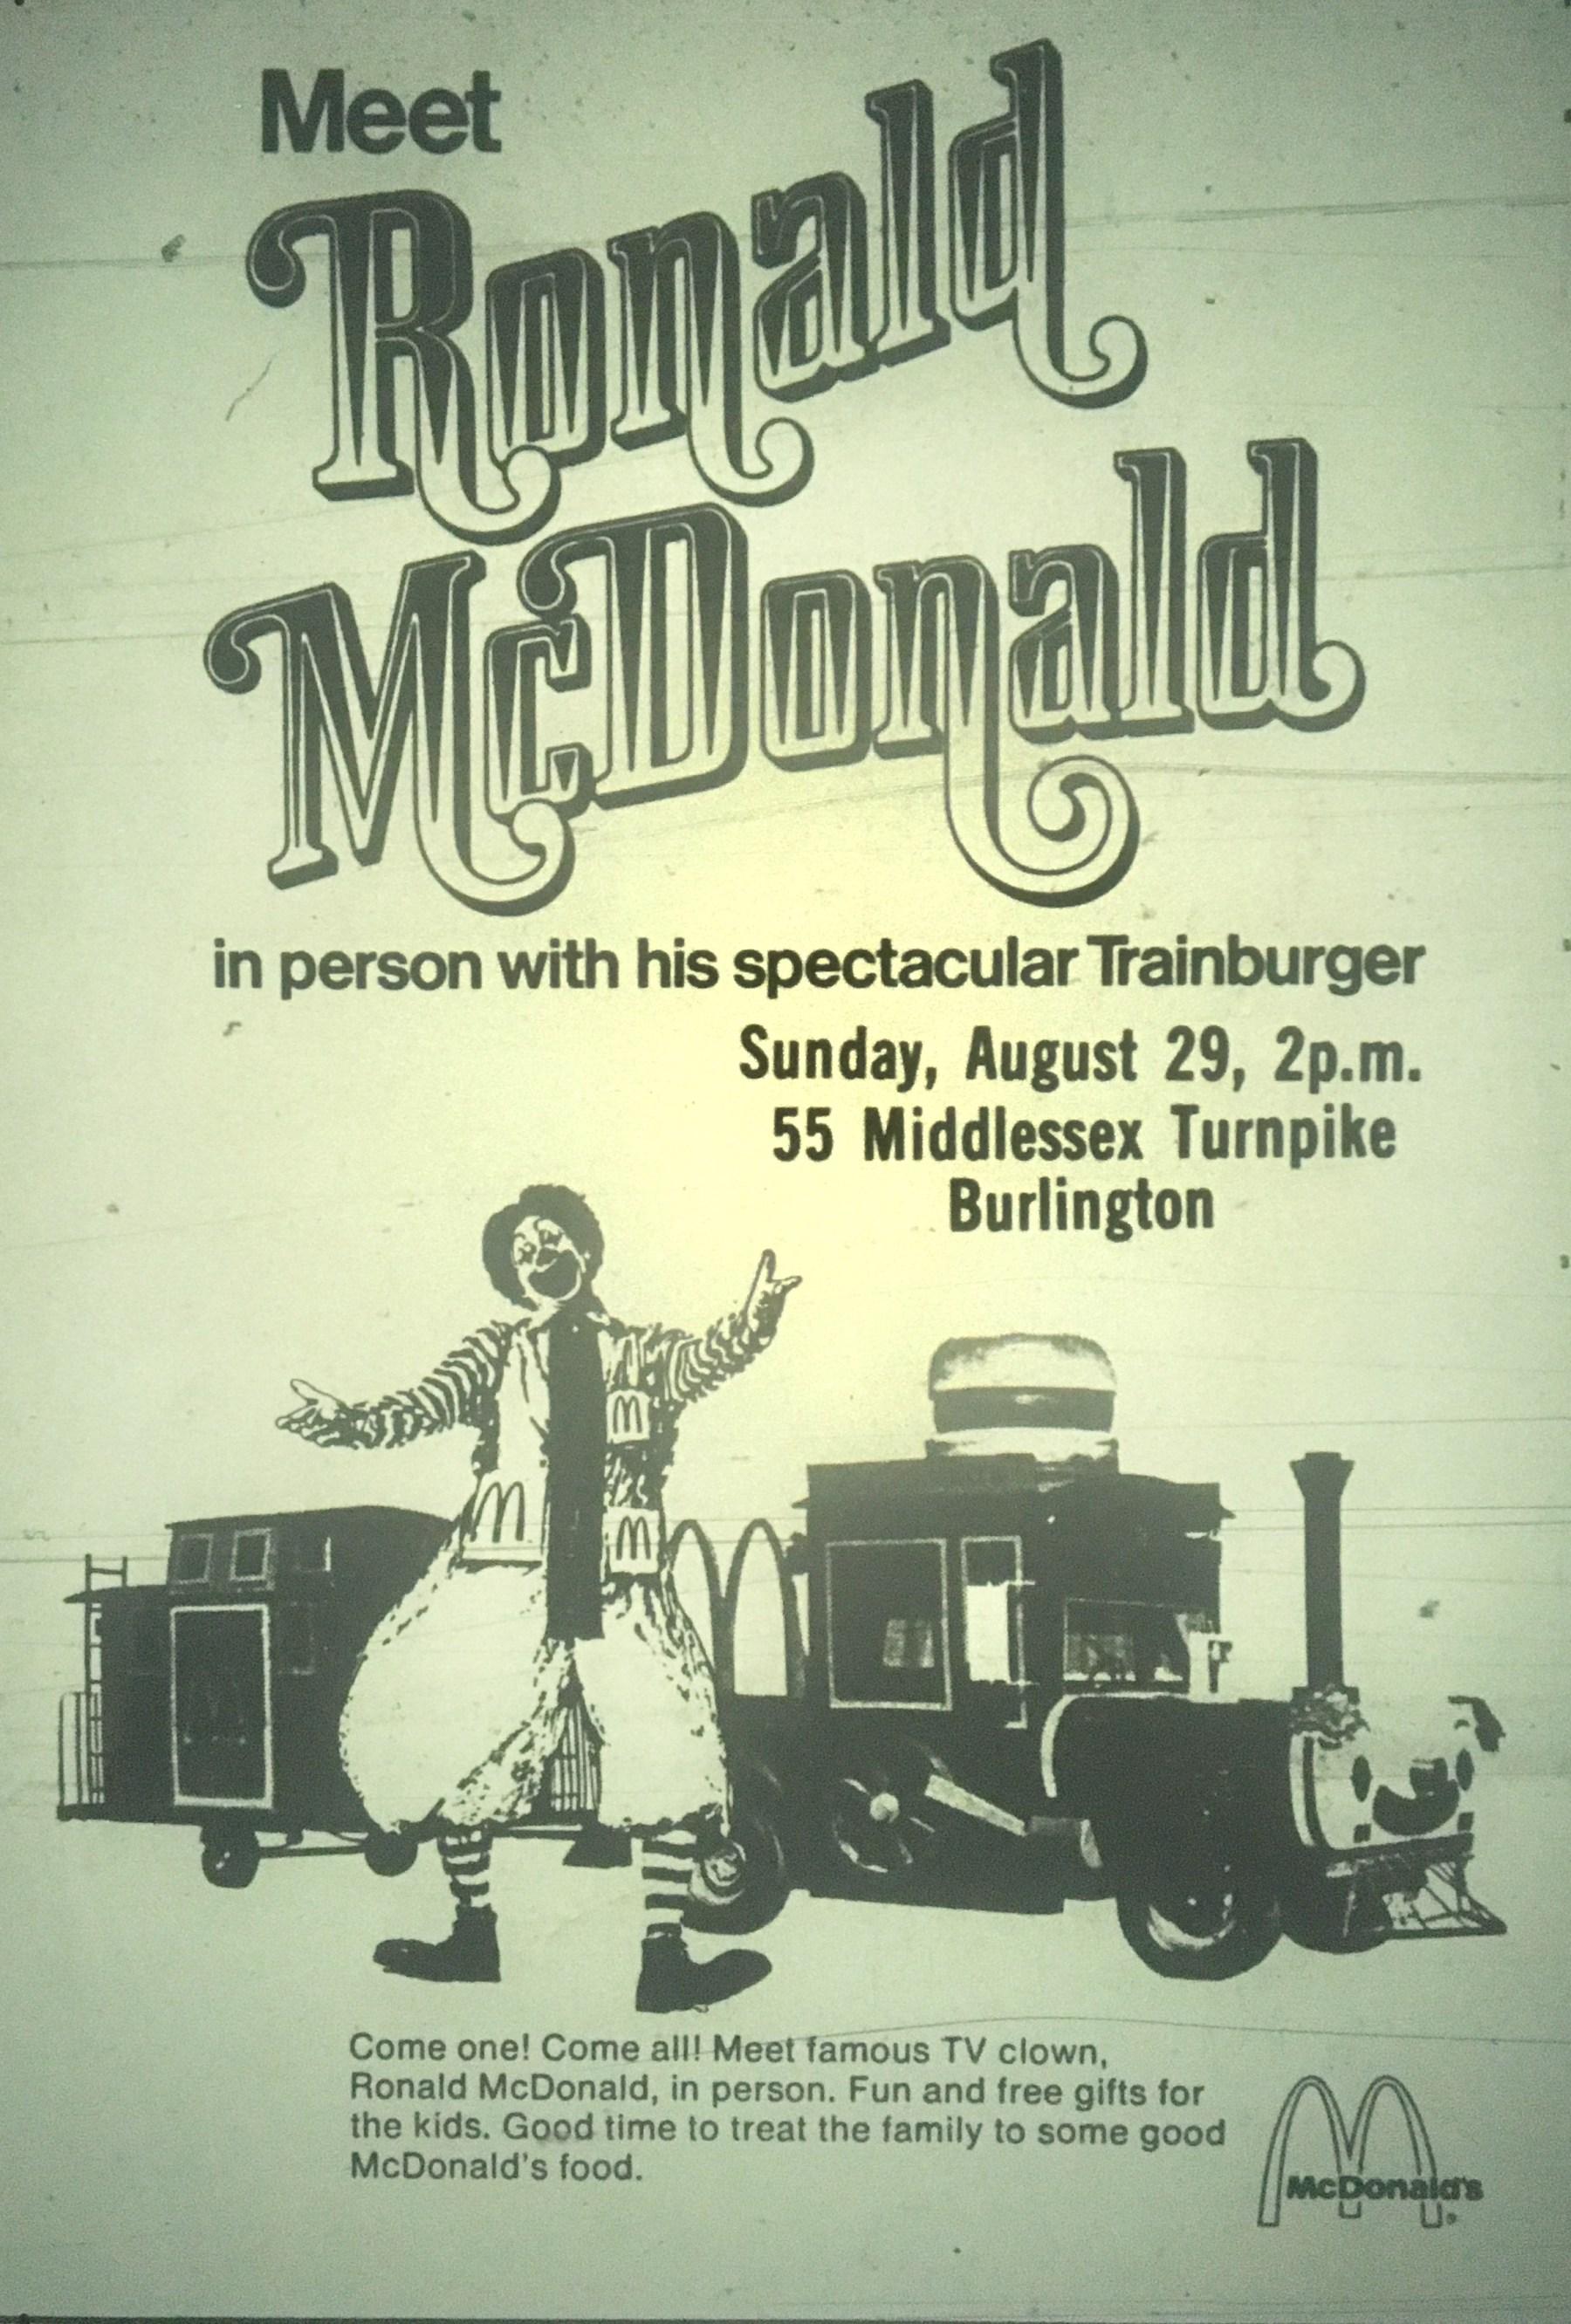 McDonald's trainburger Burlington MA